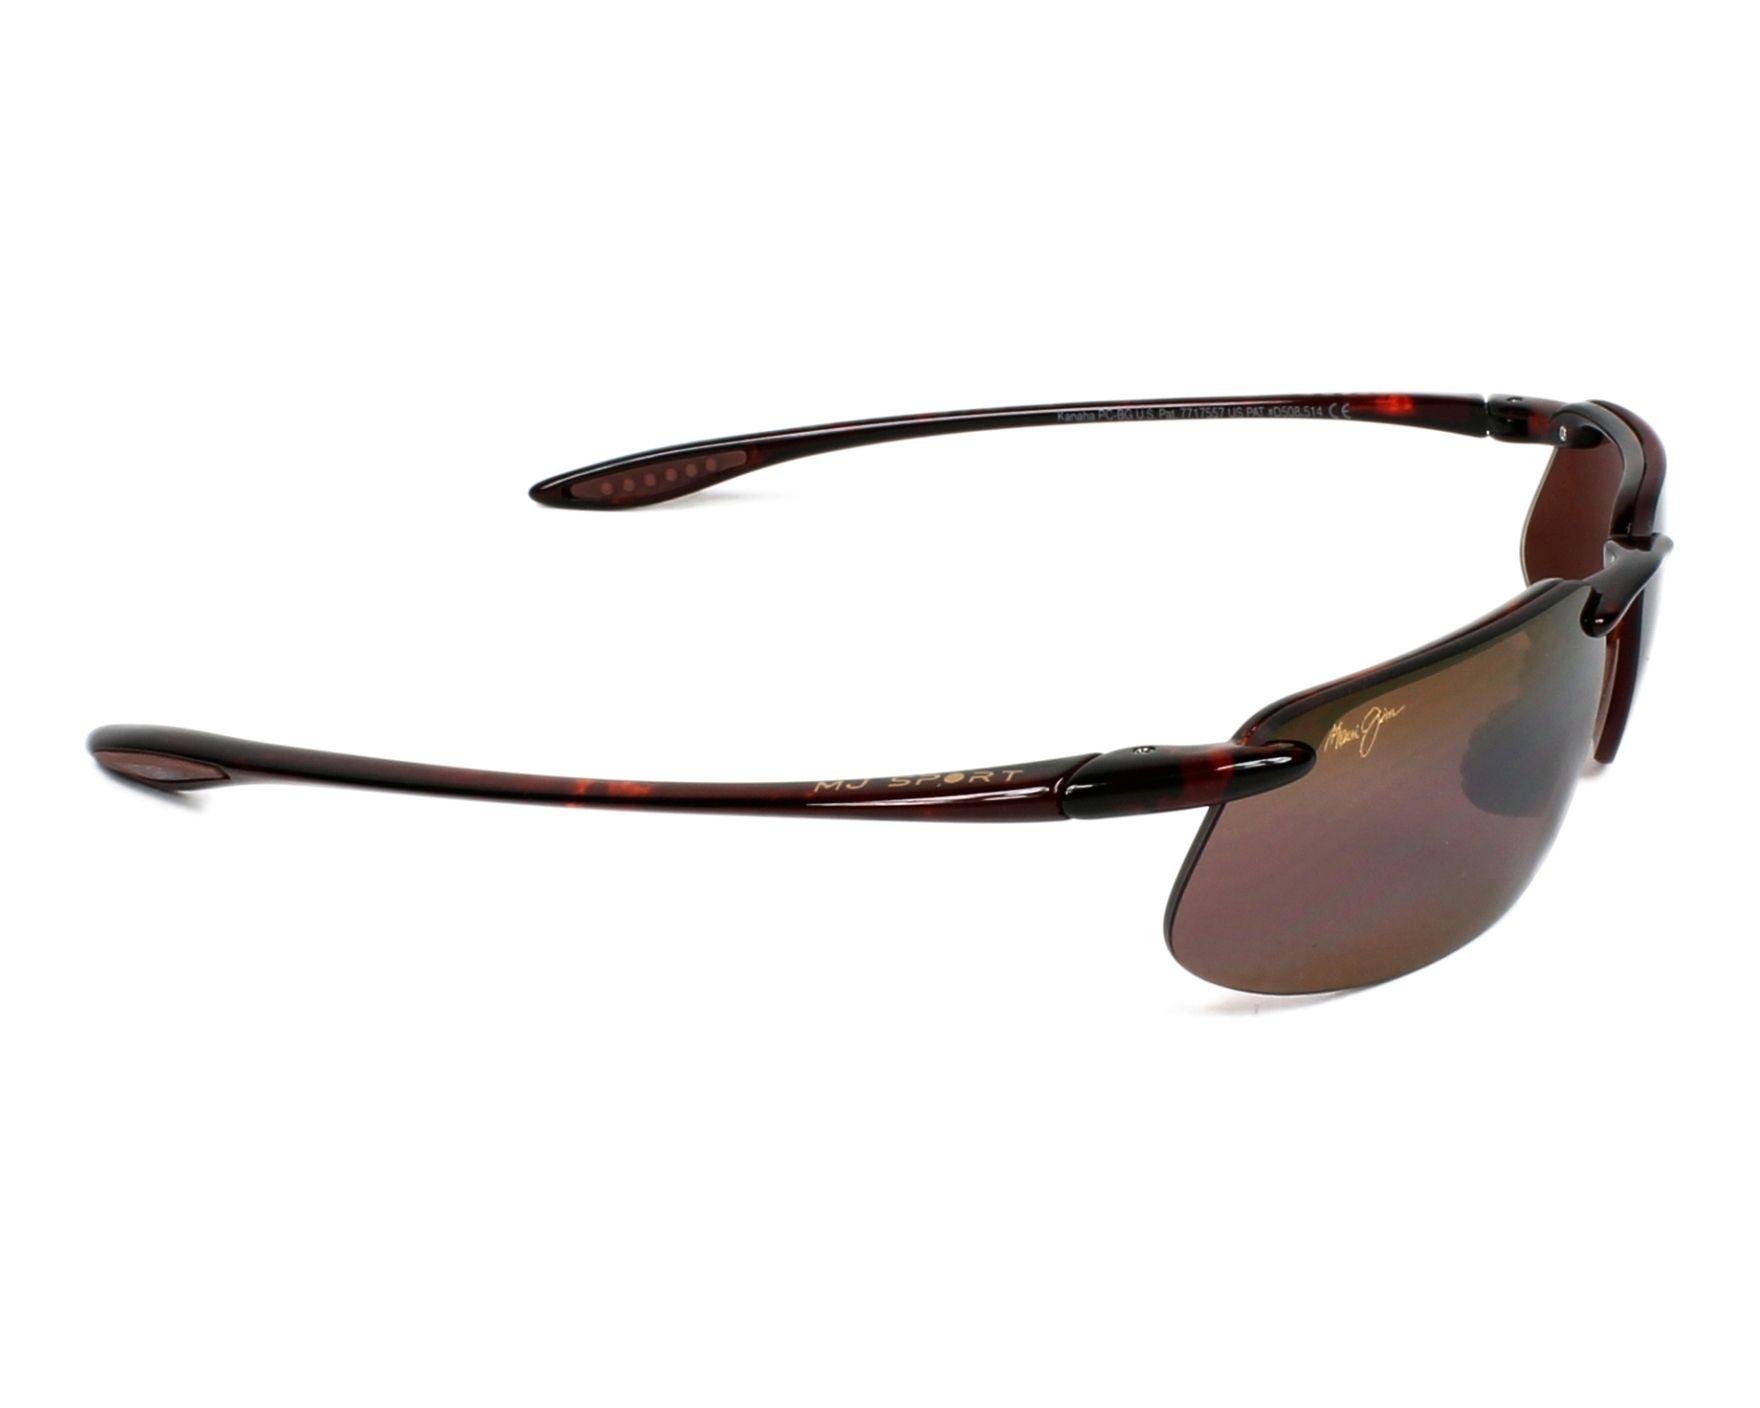 3ee414424e Sunglasses Maui Jim H-409 10 61-15 Havana side view